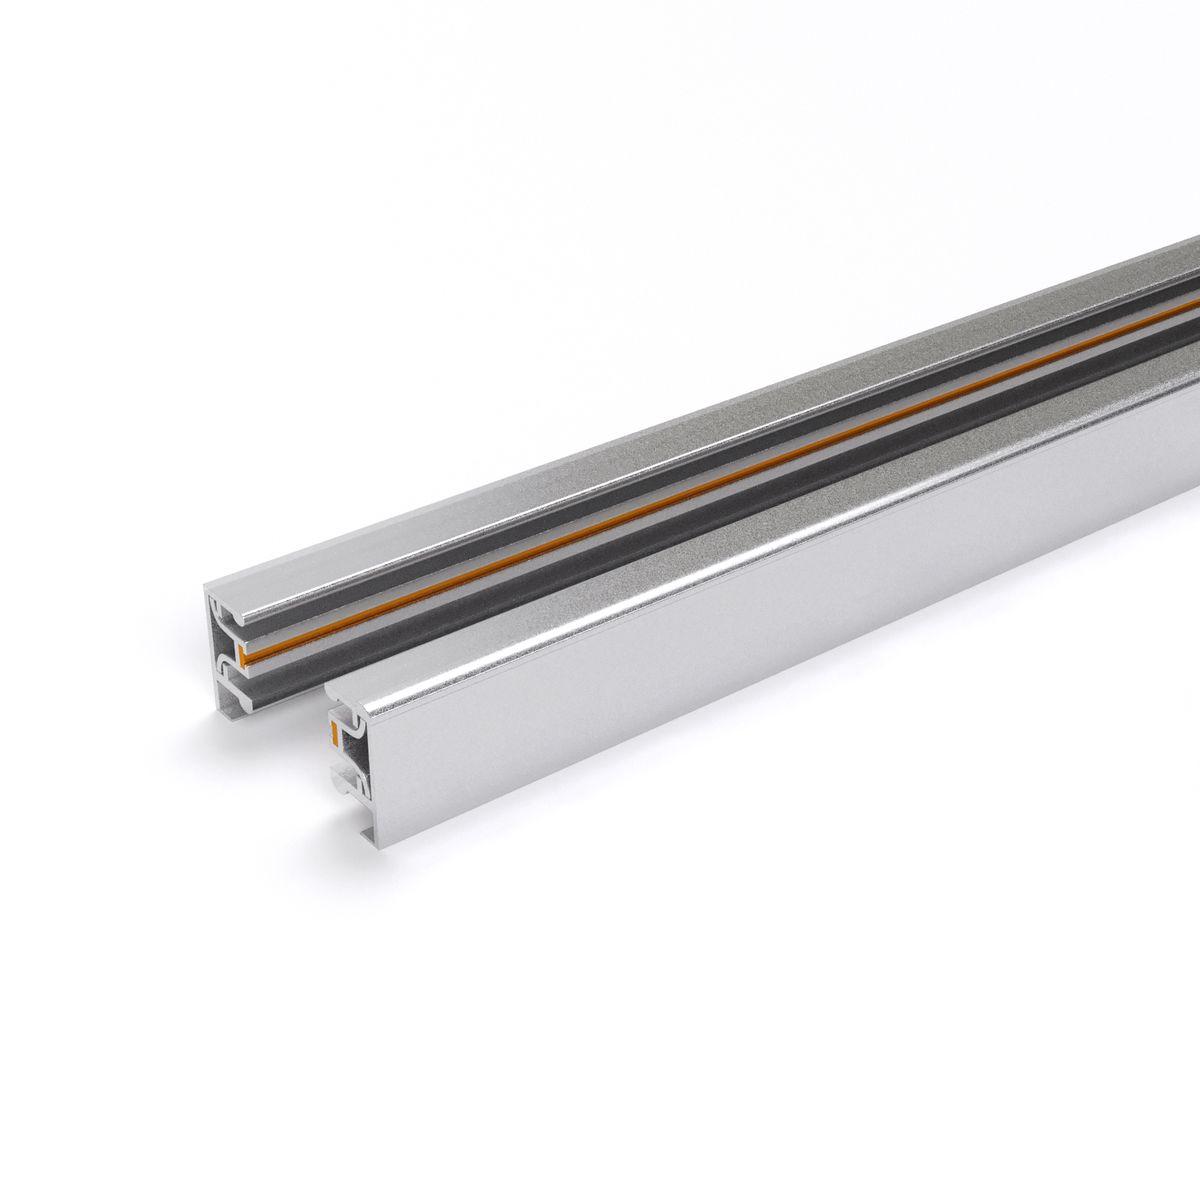 Шинопровод Elektrostandard 4690389150845 Track Rail SL Surfac